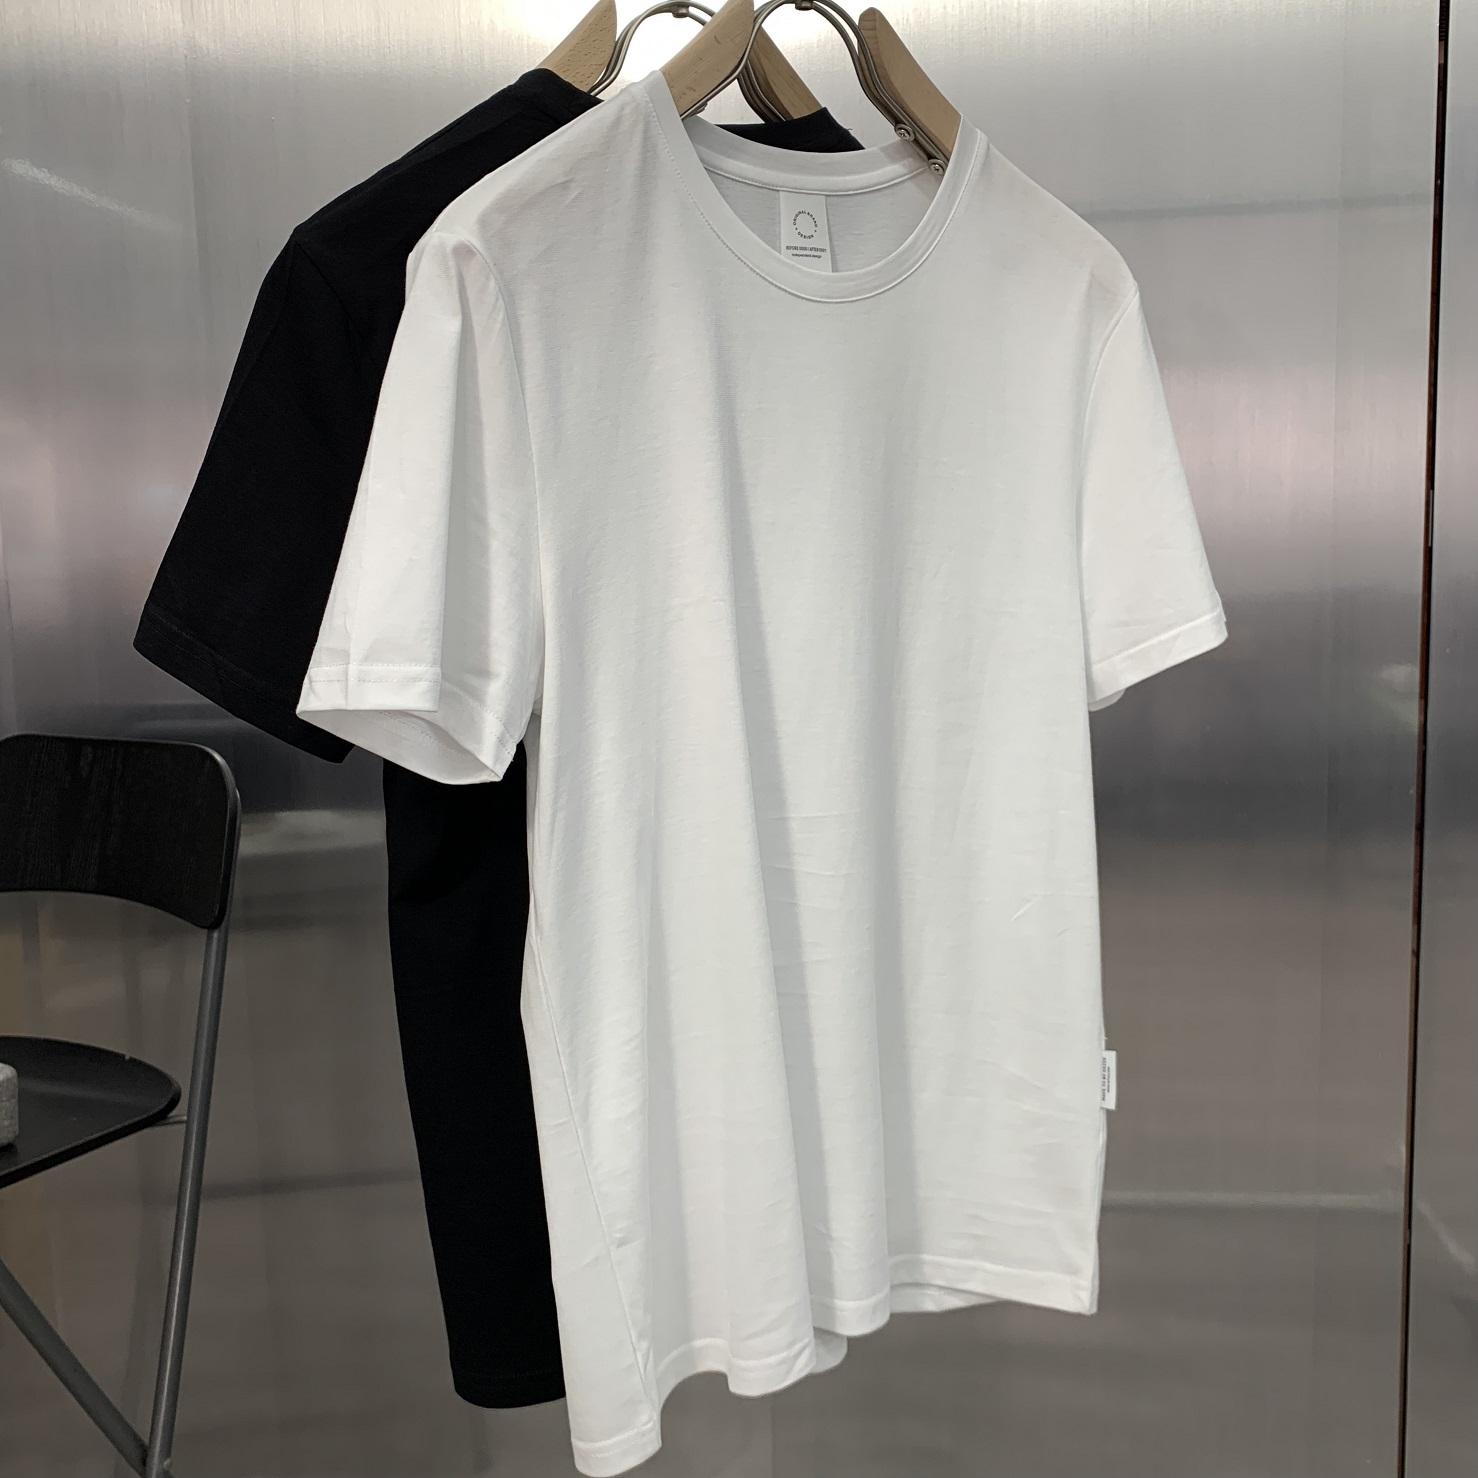 中國代購|中國批發-ibuy99|男士服饰|轻潮服饰执著男装新款净版纯色短袖T恤